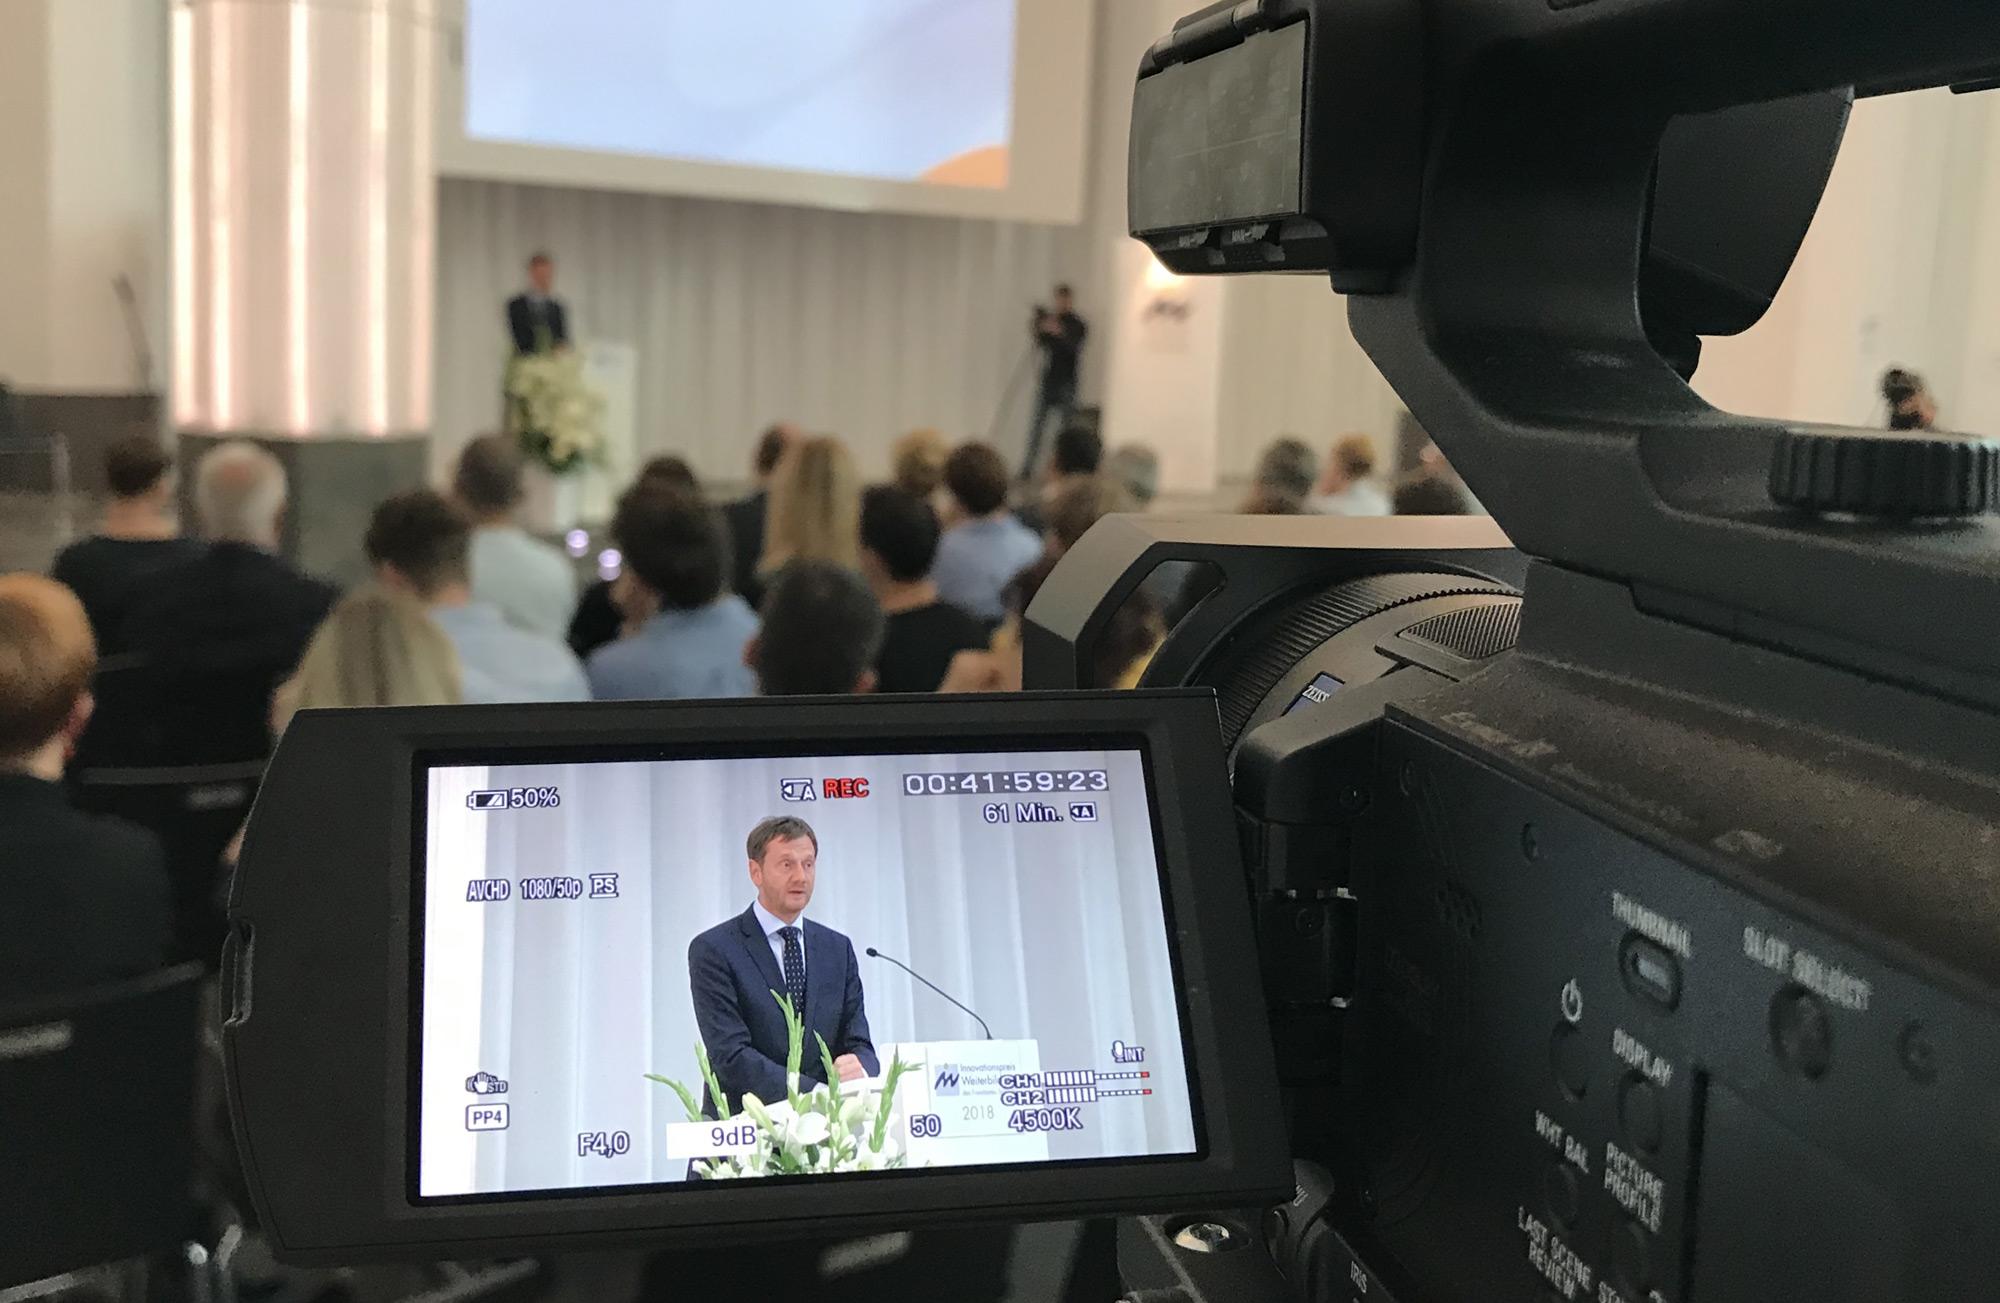 Blick durch ein Kameradisplay bei einer Veranstaltung. Auf der Bühne spricht Ministerpräsident Kretschmer